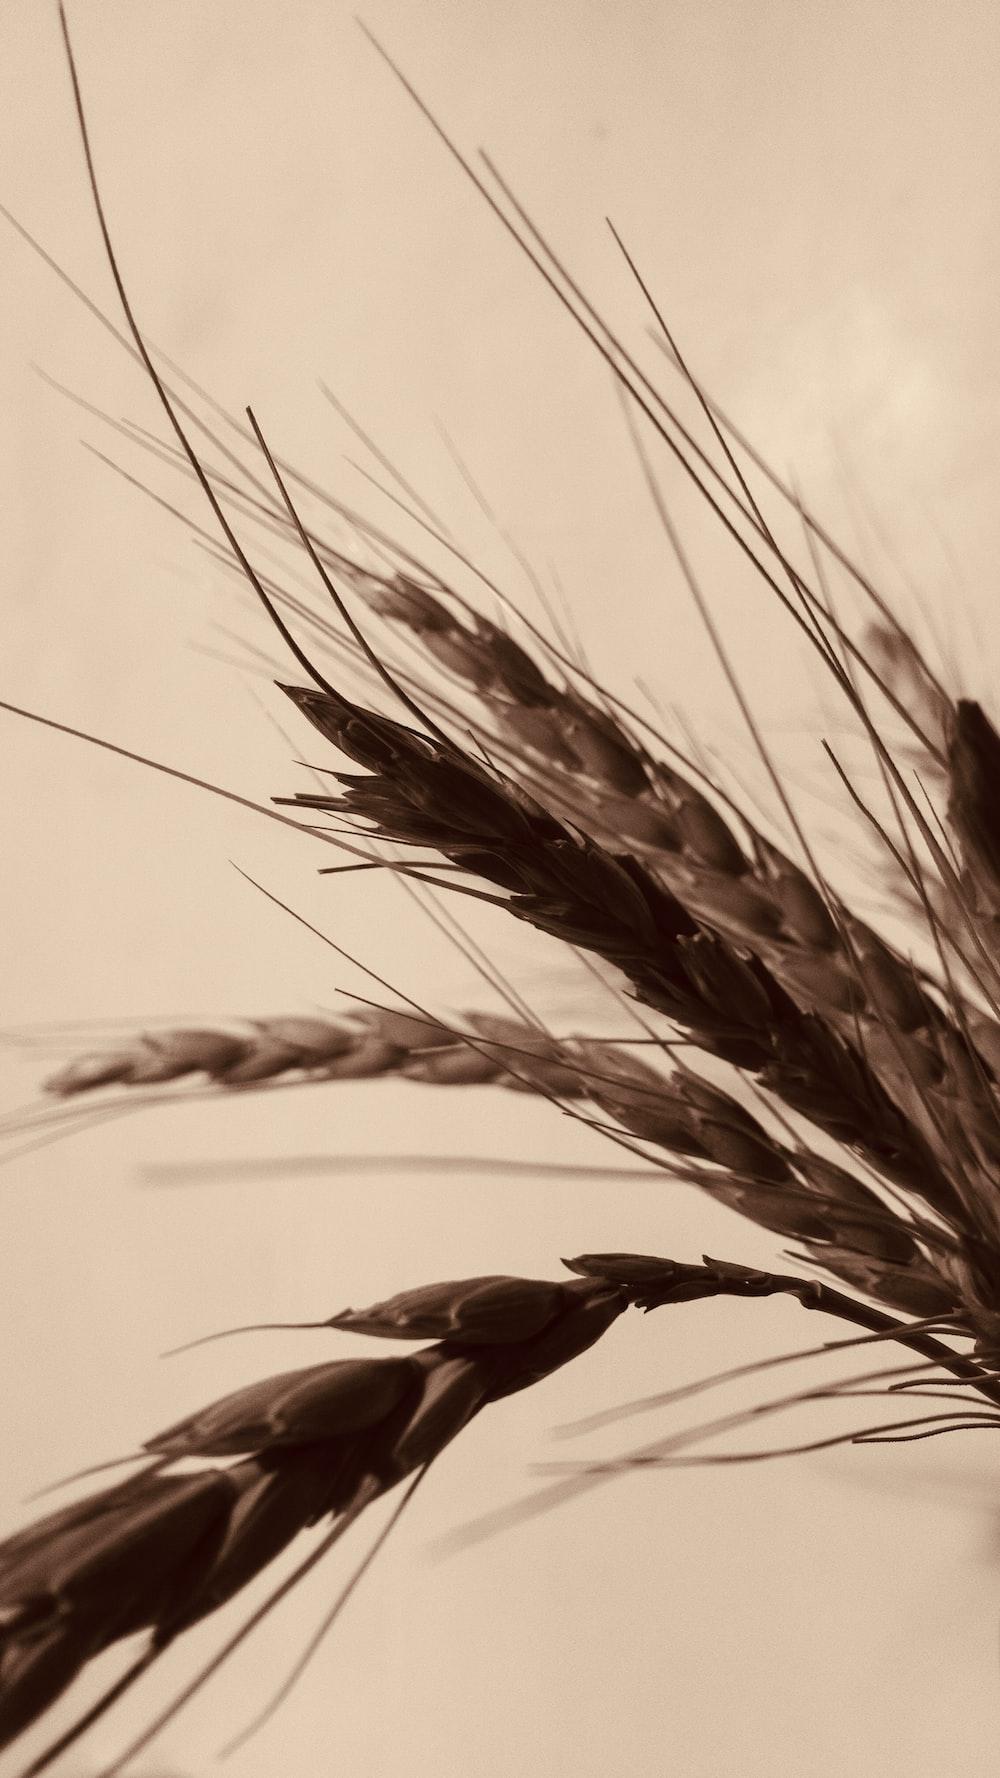 brown grain